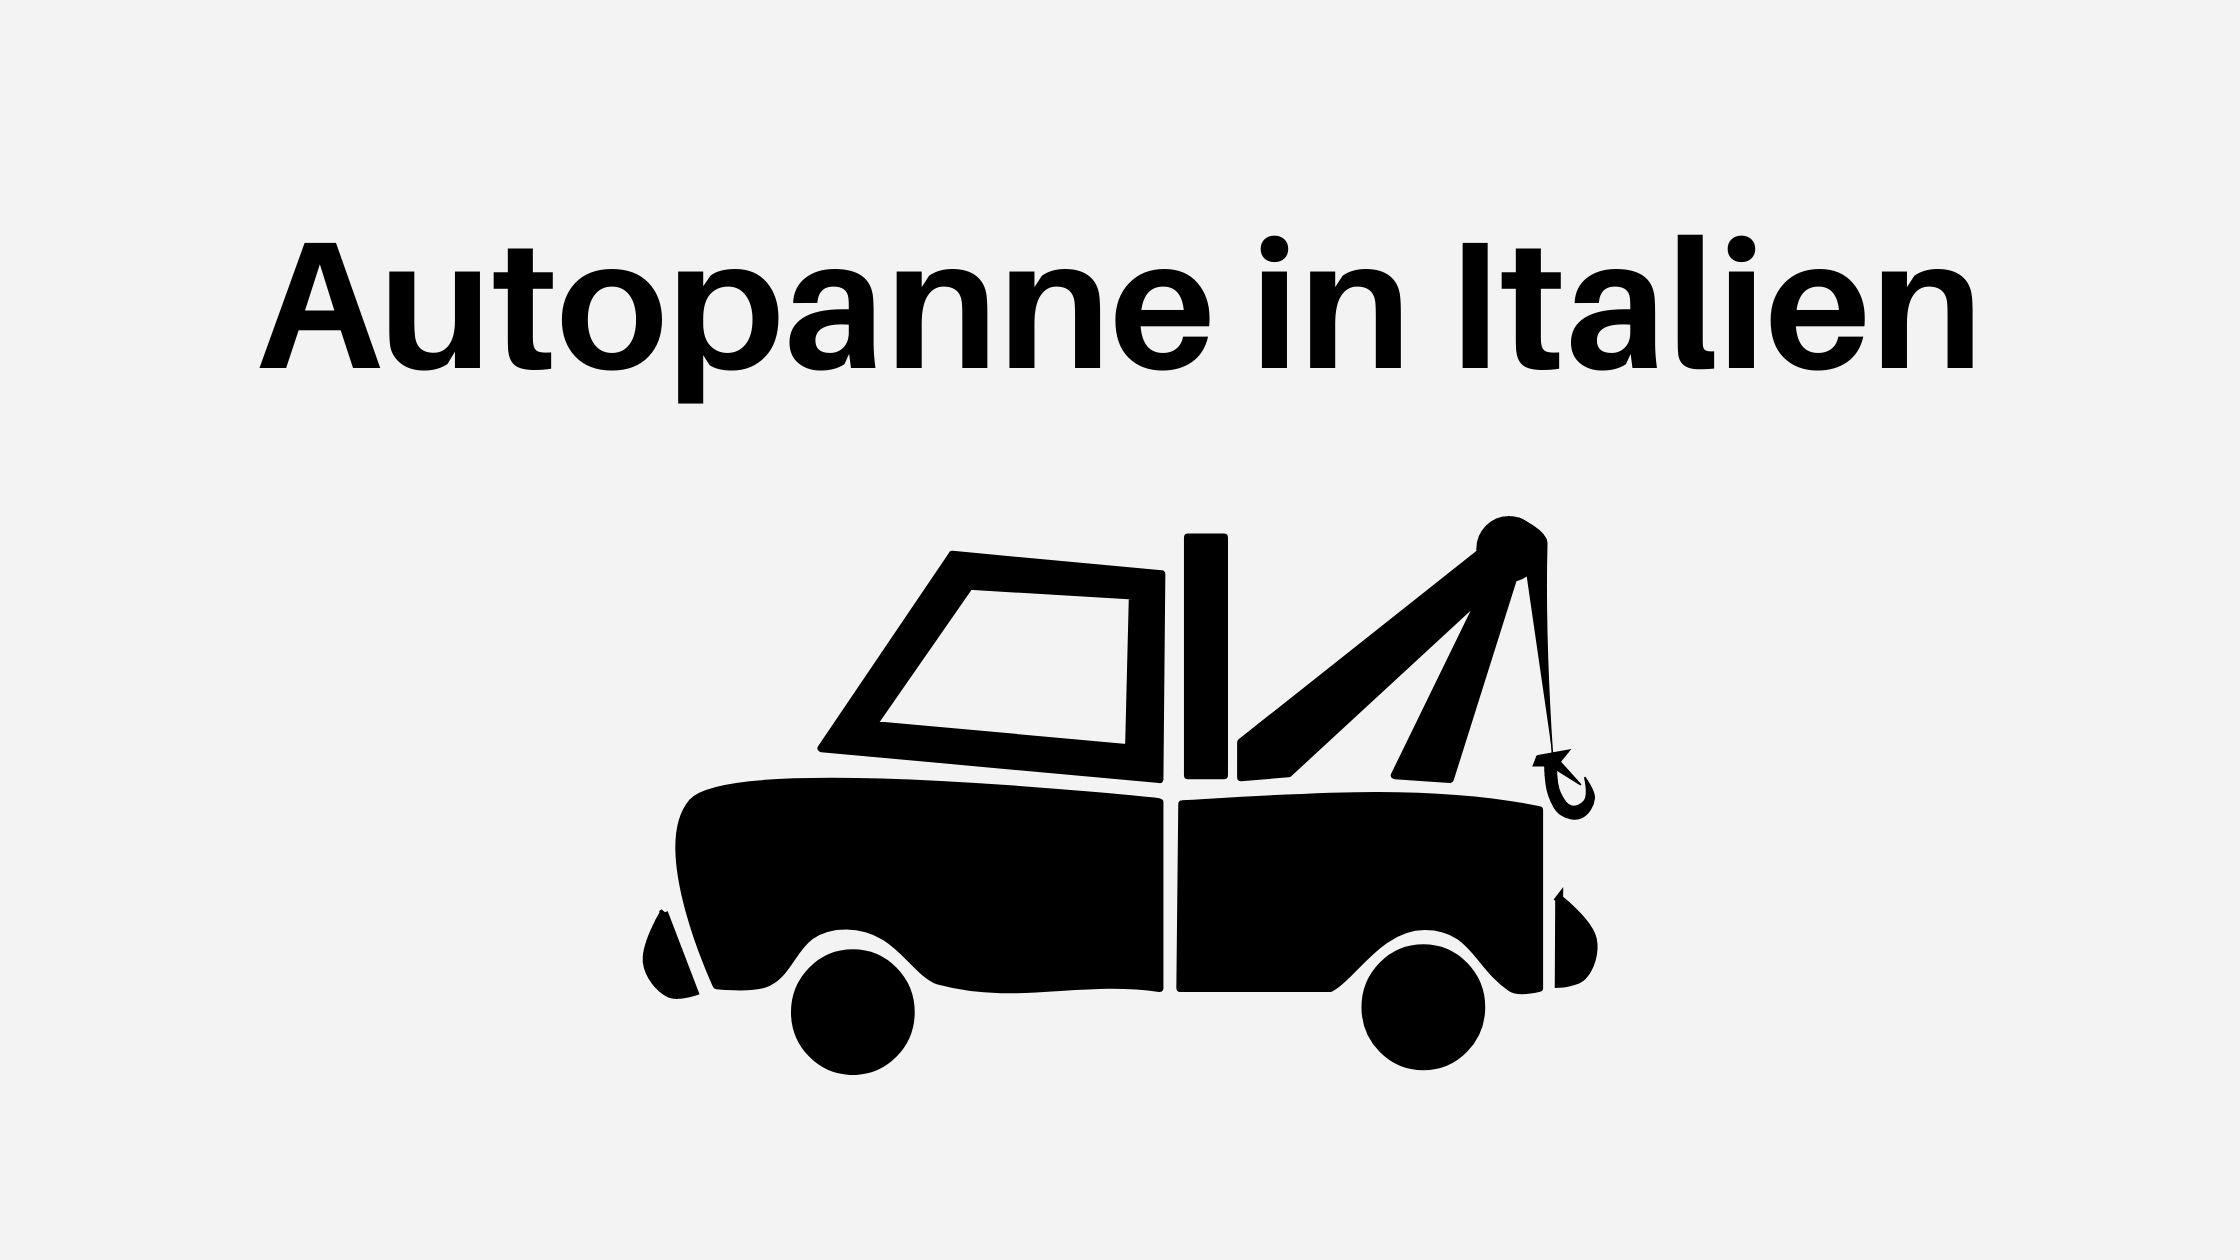 Autopanne in Italien: Ärger mit Antje - Die bunte Christine